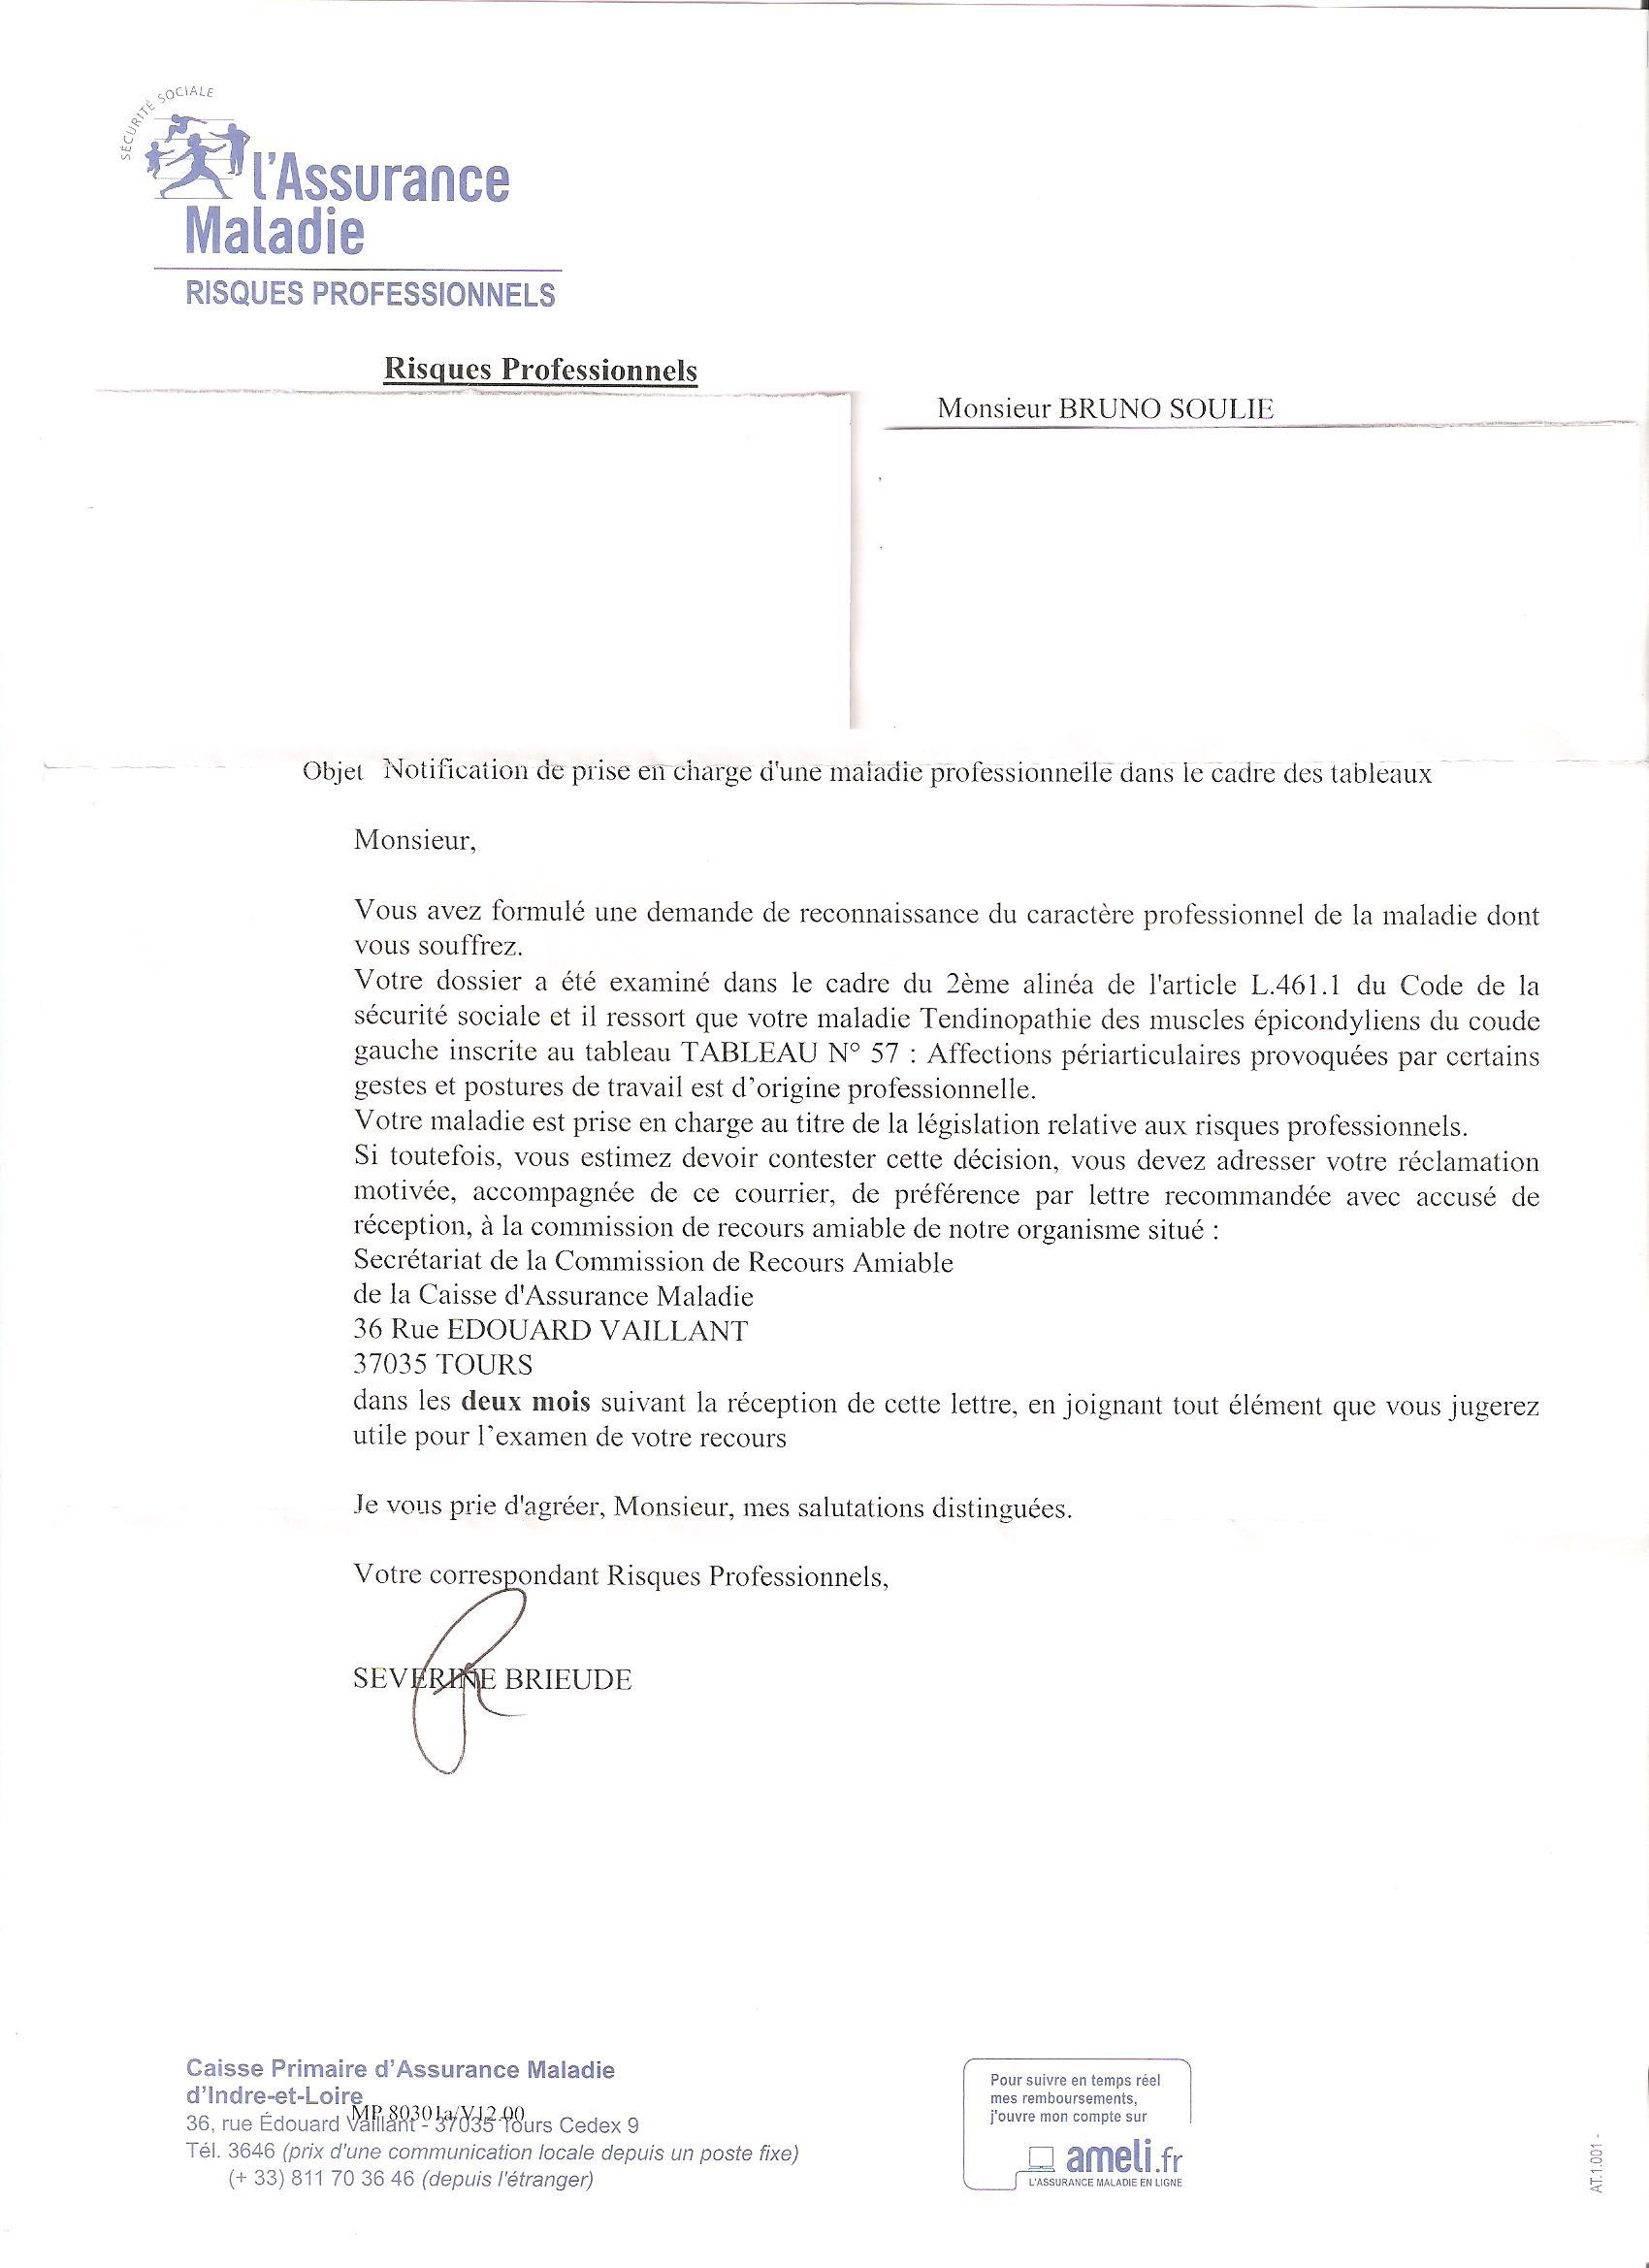 modele de lettre pour reconnaissance maladie professionnelle Modele Lettre Maladie Professionnelle Fonction Publique  modele de lettre pour reconnaissance maladie professionnelle